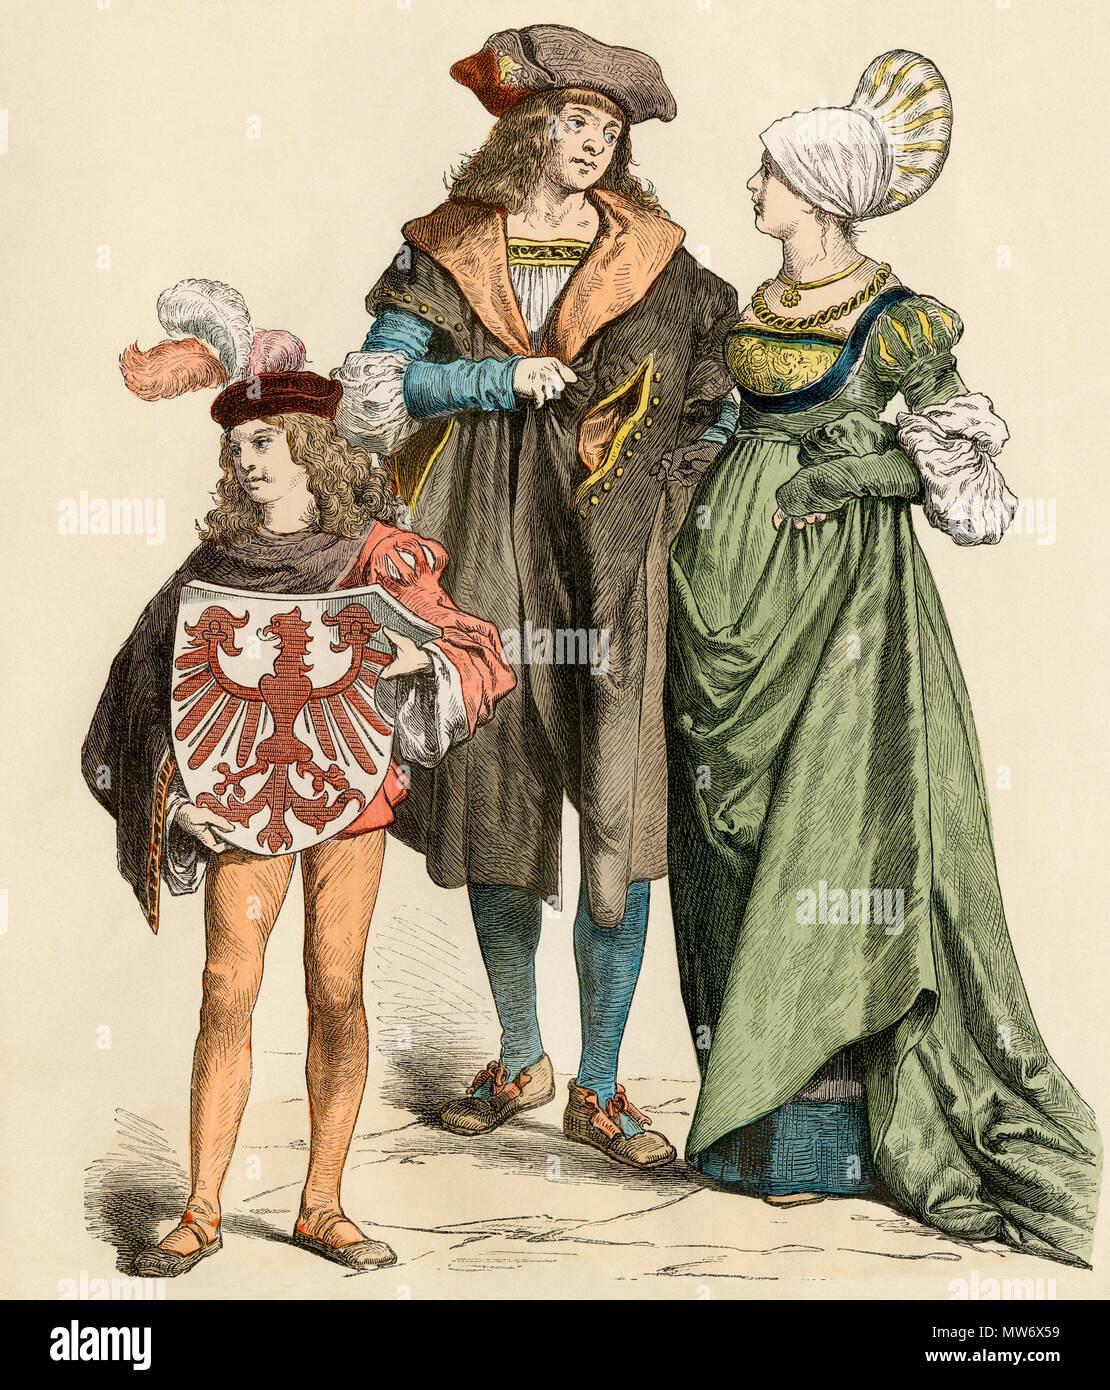 La classe moyenne urbaine prospère, allemands ou bourgeois, 1500s. Impression couleur à la main Photo Stock